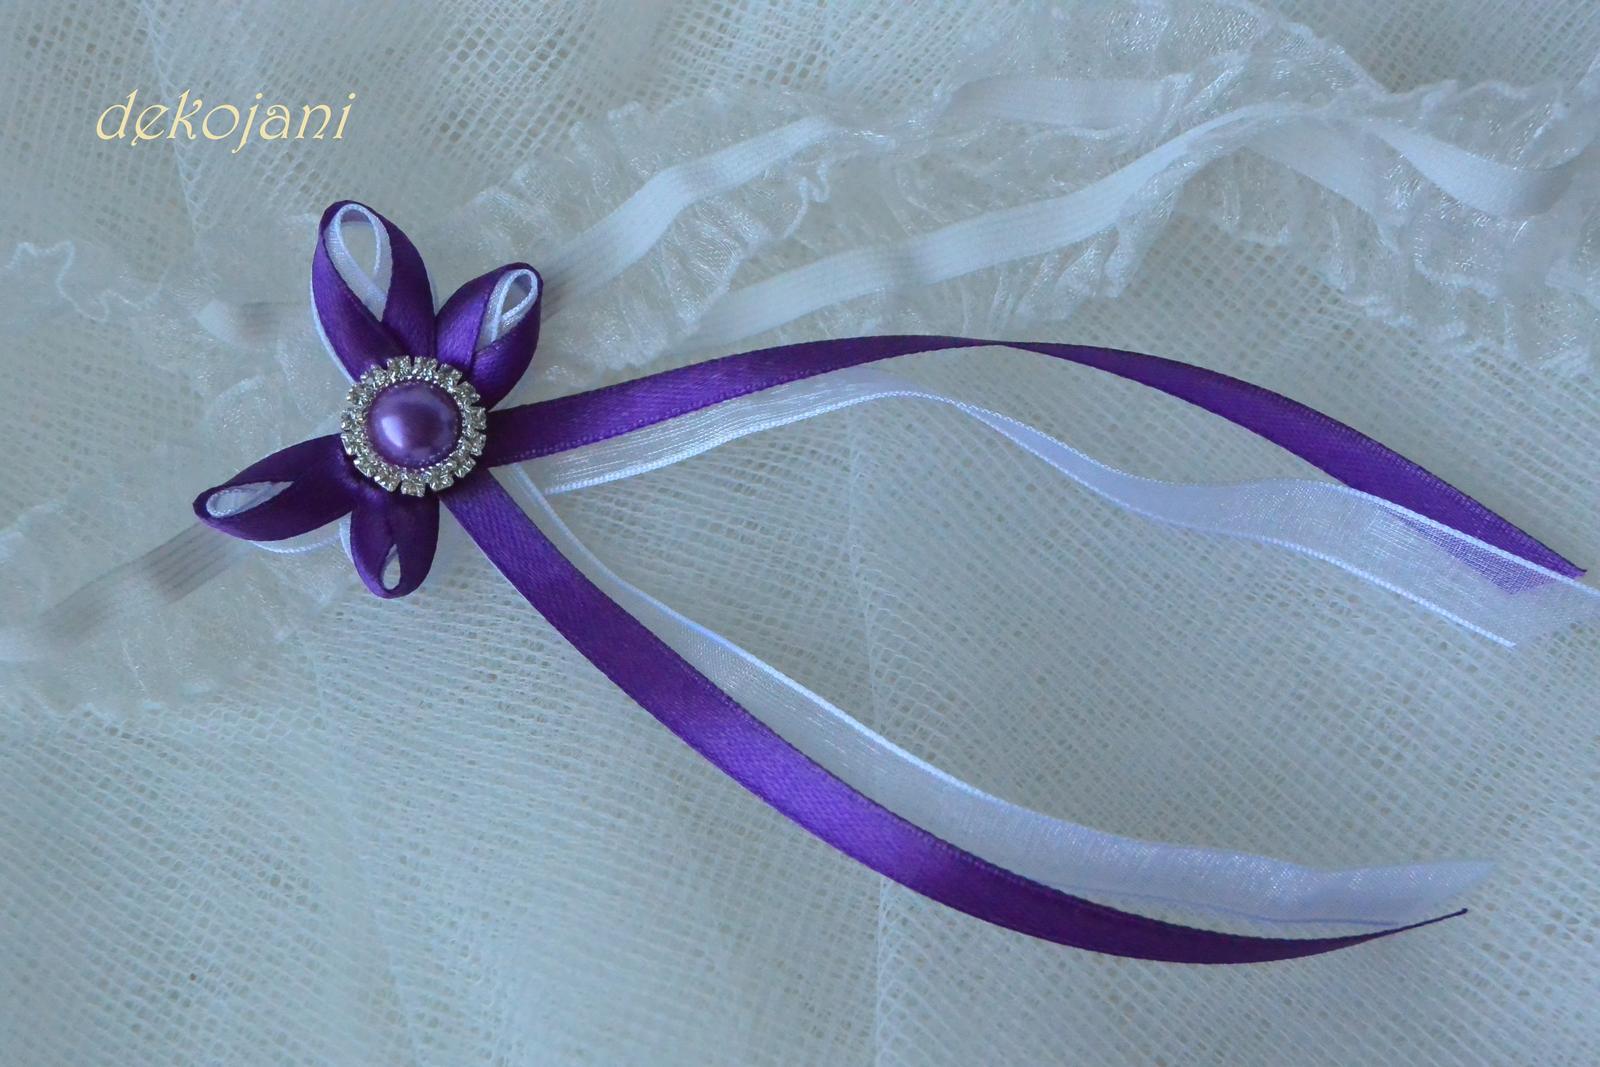 Podvazky- ušiji ve všech barvách! - Svatební podvazek s fialovou mašličkou a fialovou štrasovoperlovou broží...139kč.